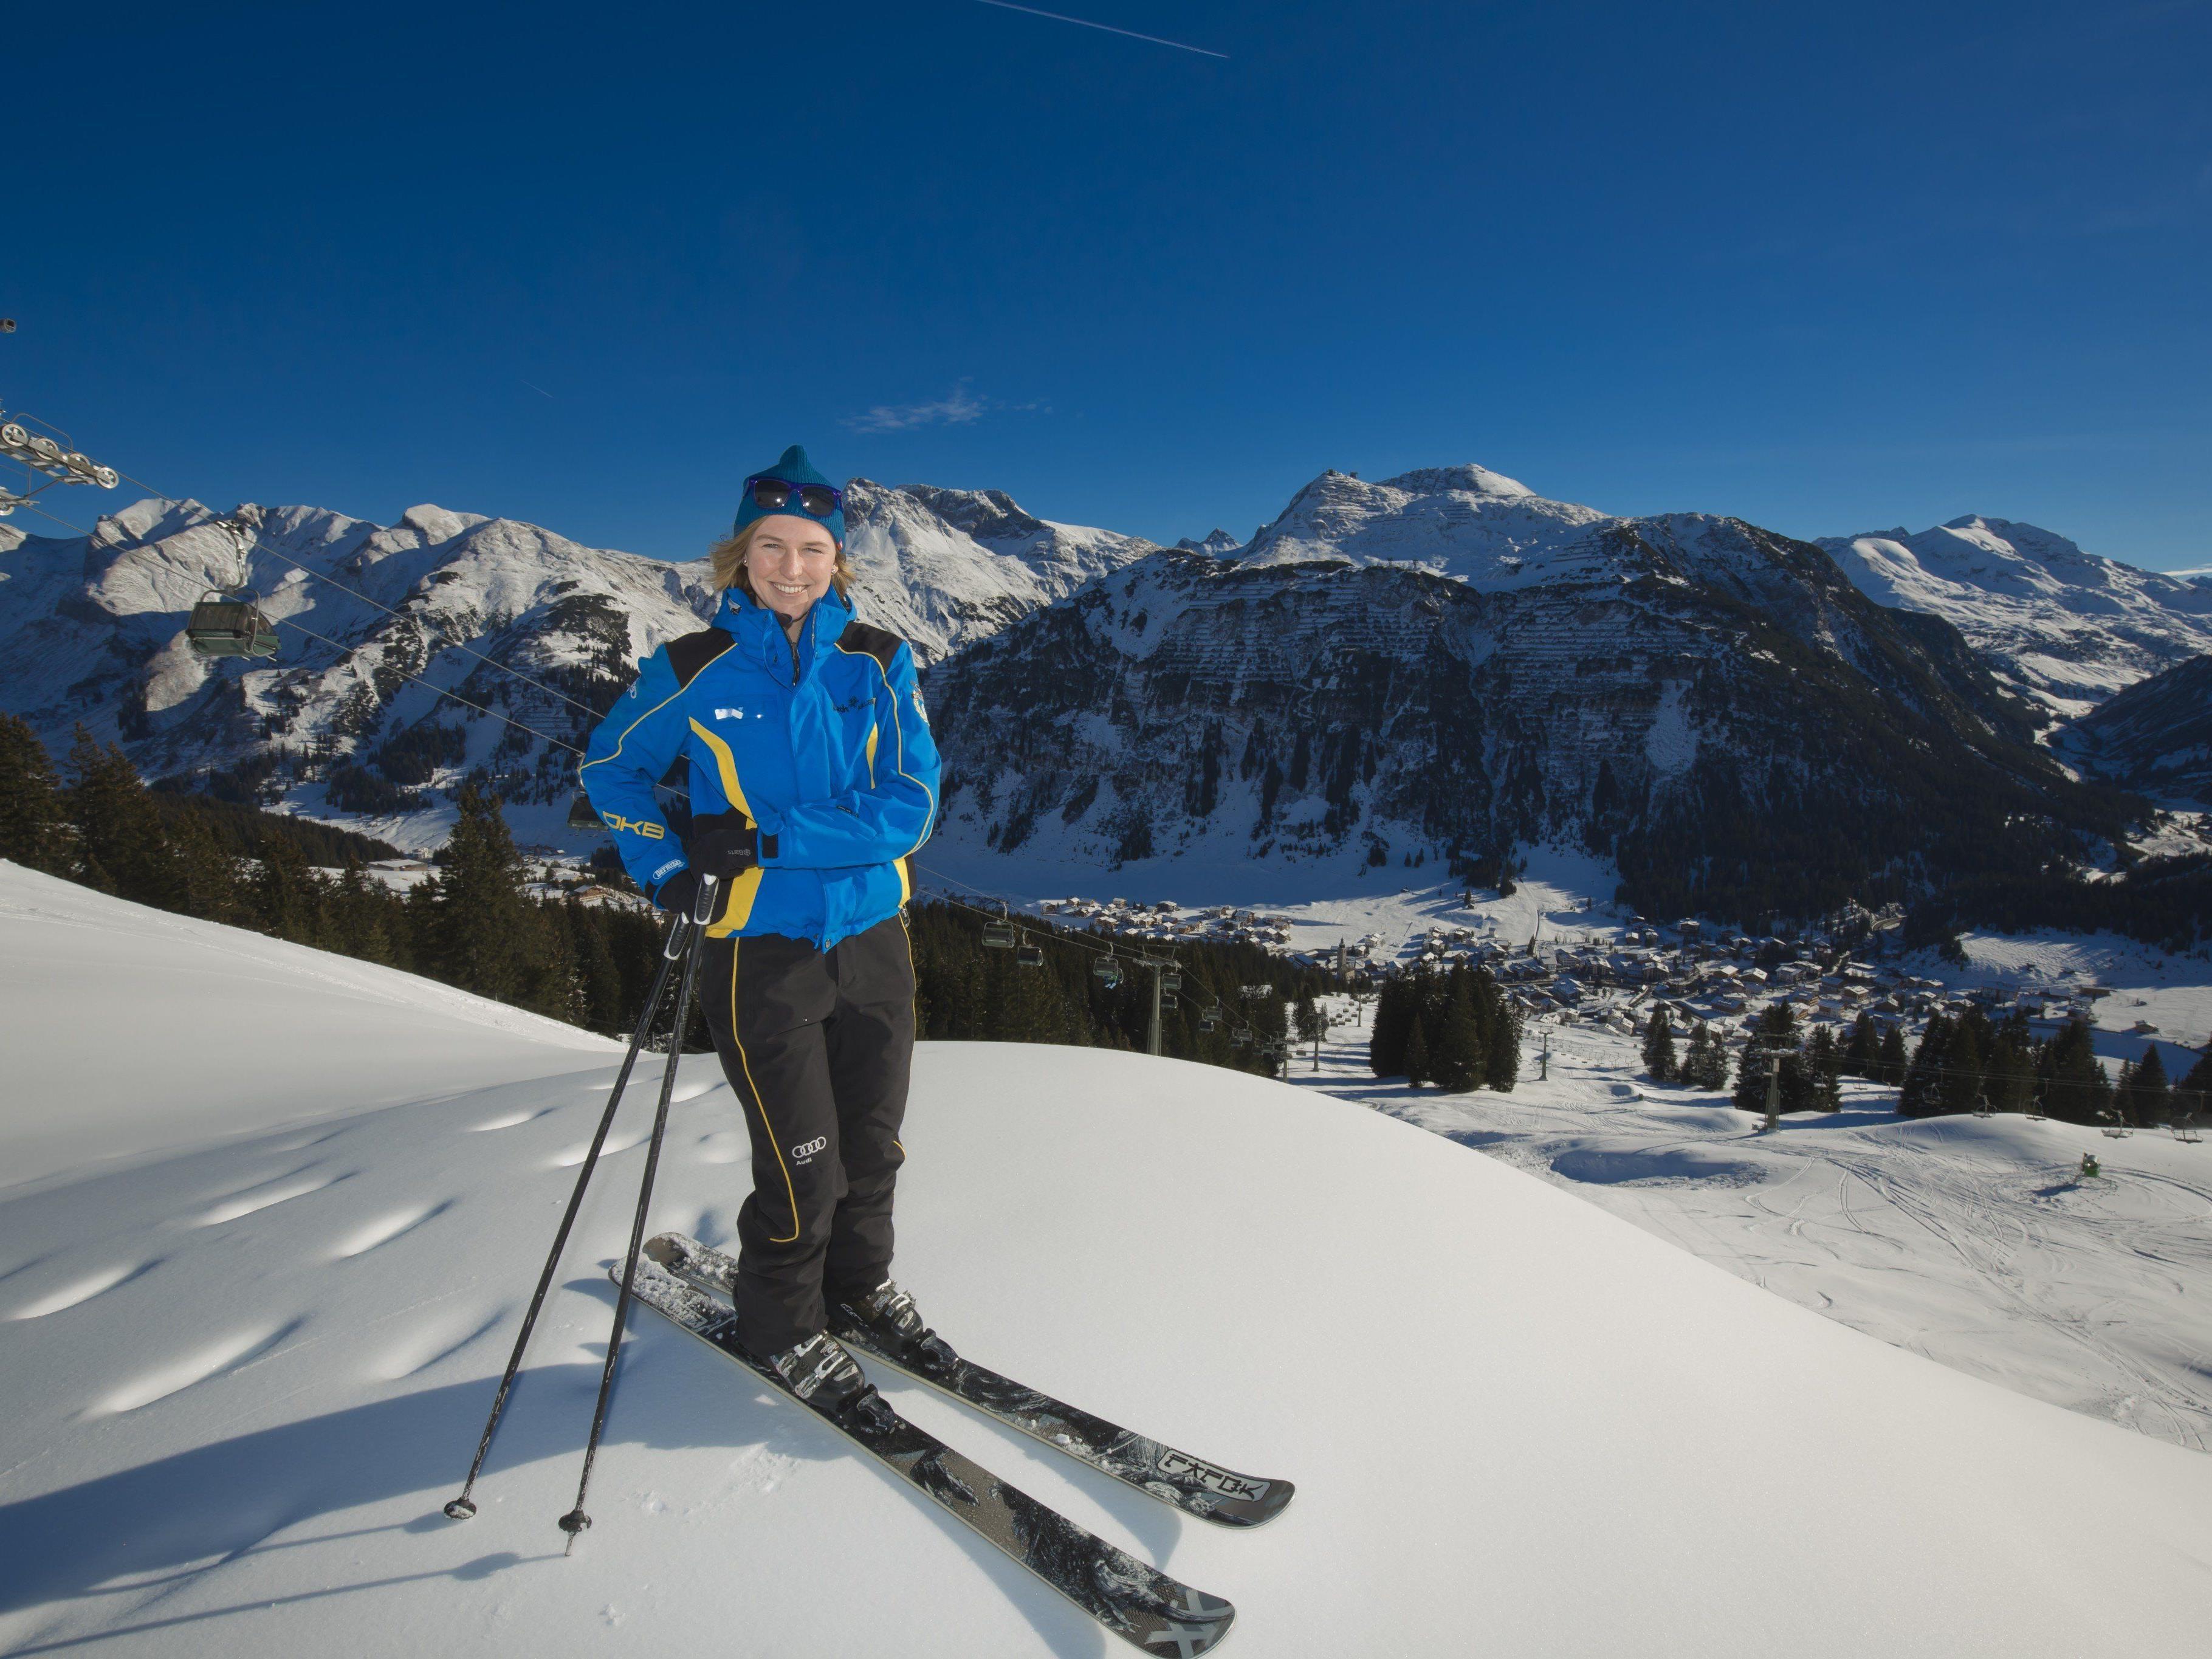 Im Jänner blieb die Zahl der russischen Gäste in Lech zum Vorjahr konstant.